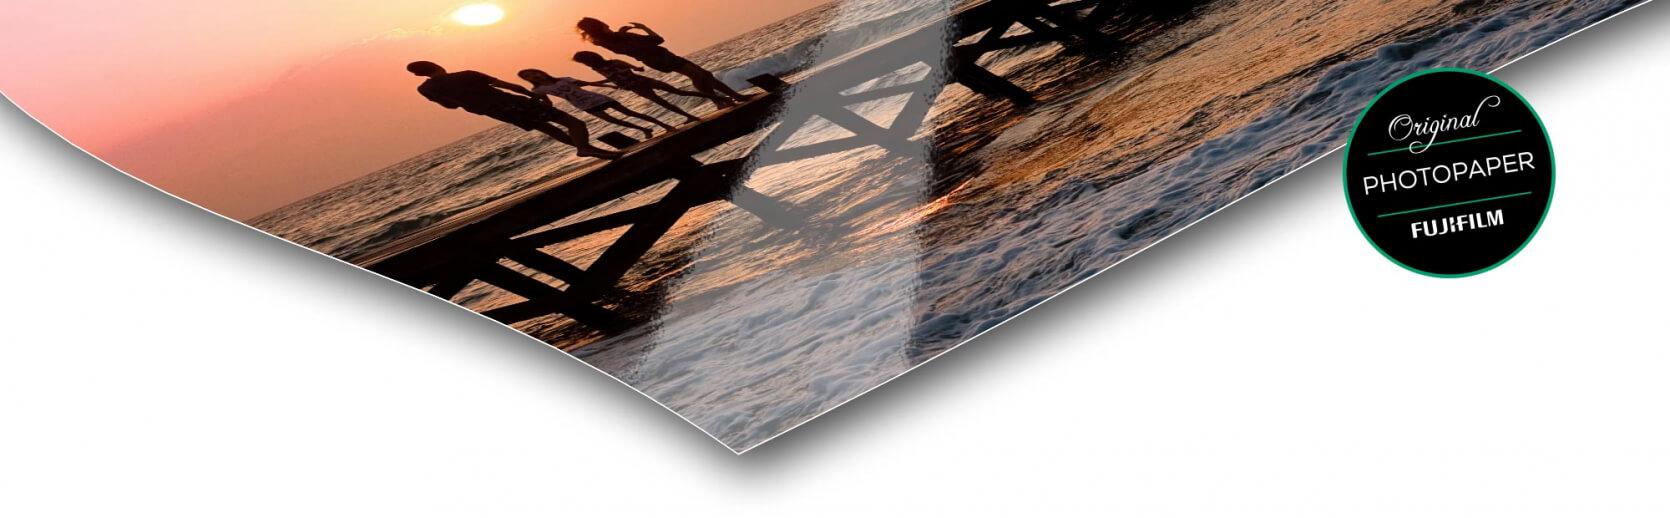 Fotopapier foto op acrylblok